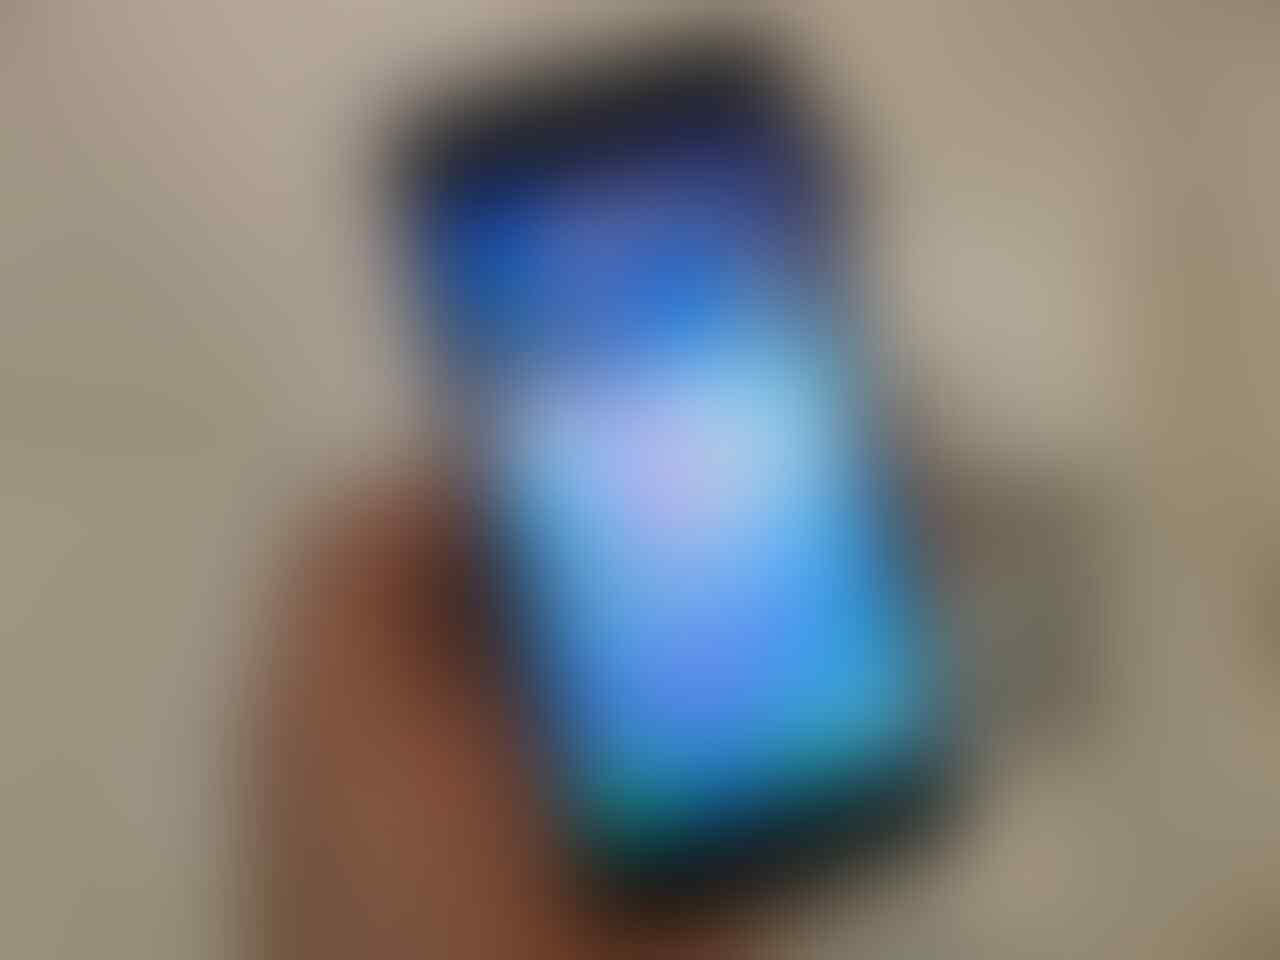 IPHONE 6S GREY 16GB FULLSET MULUS SILENT NORMAL MURAH 3250 SAJA [MALANG]